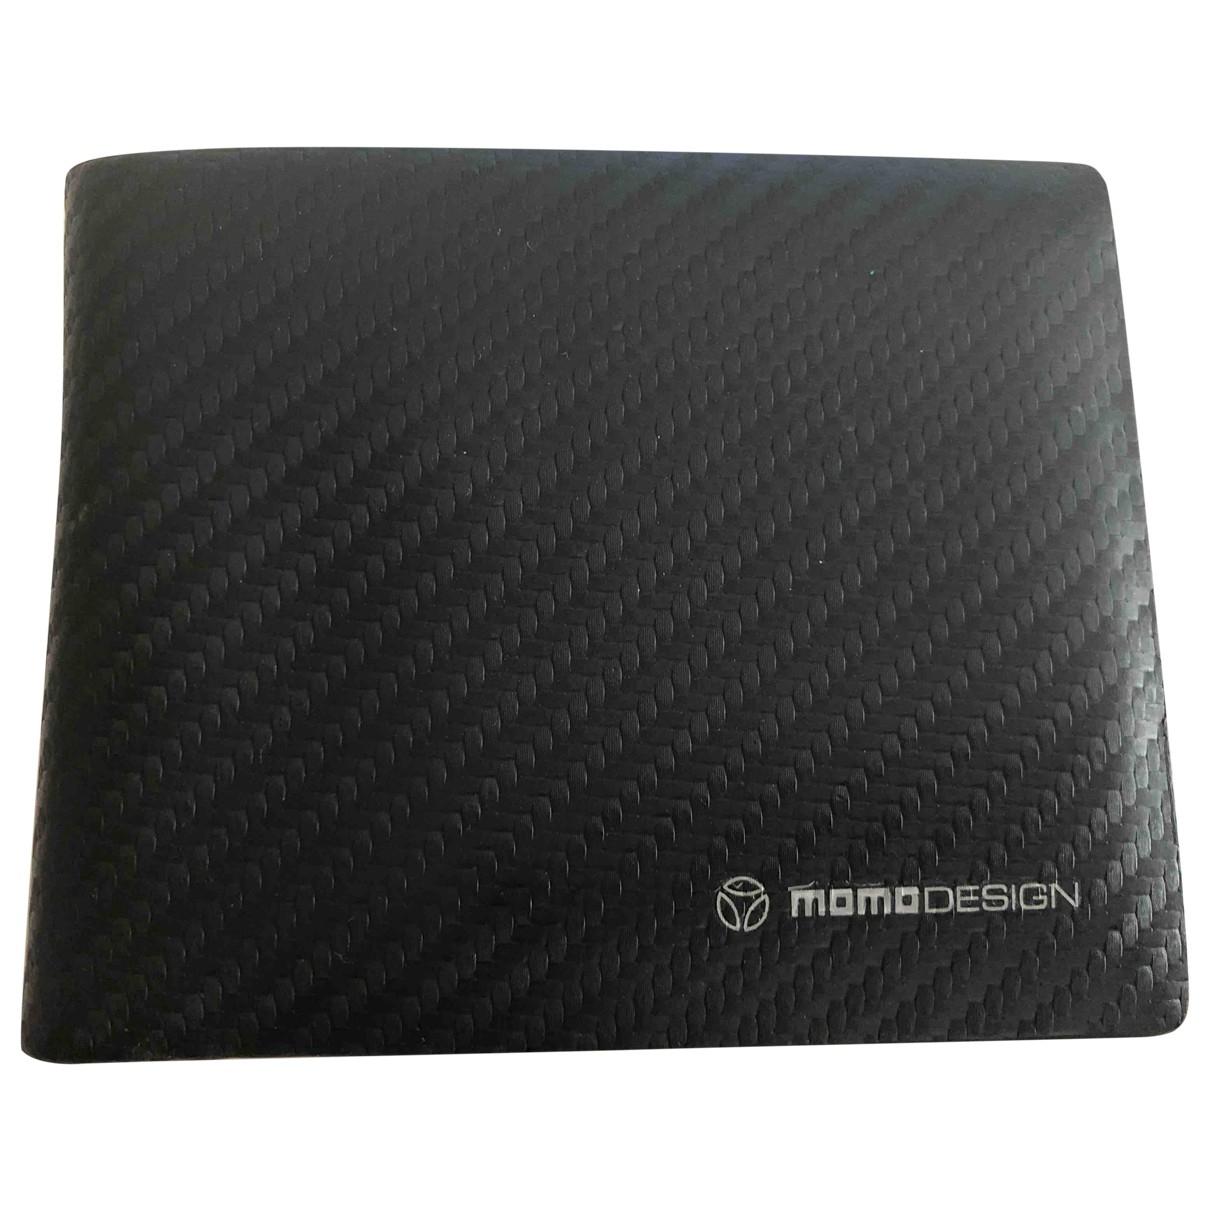 Momo Design - Petite maroquinerie   pour homme en cuir - noir